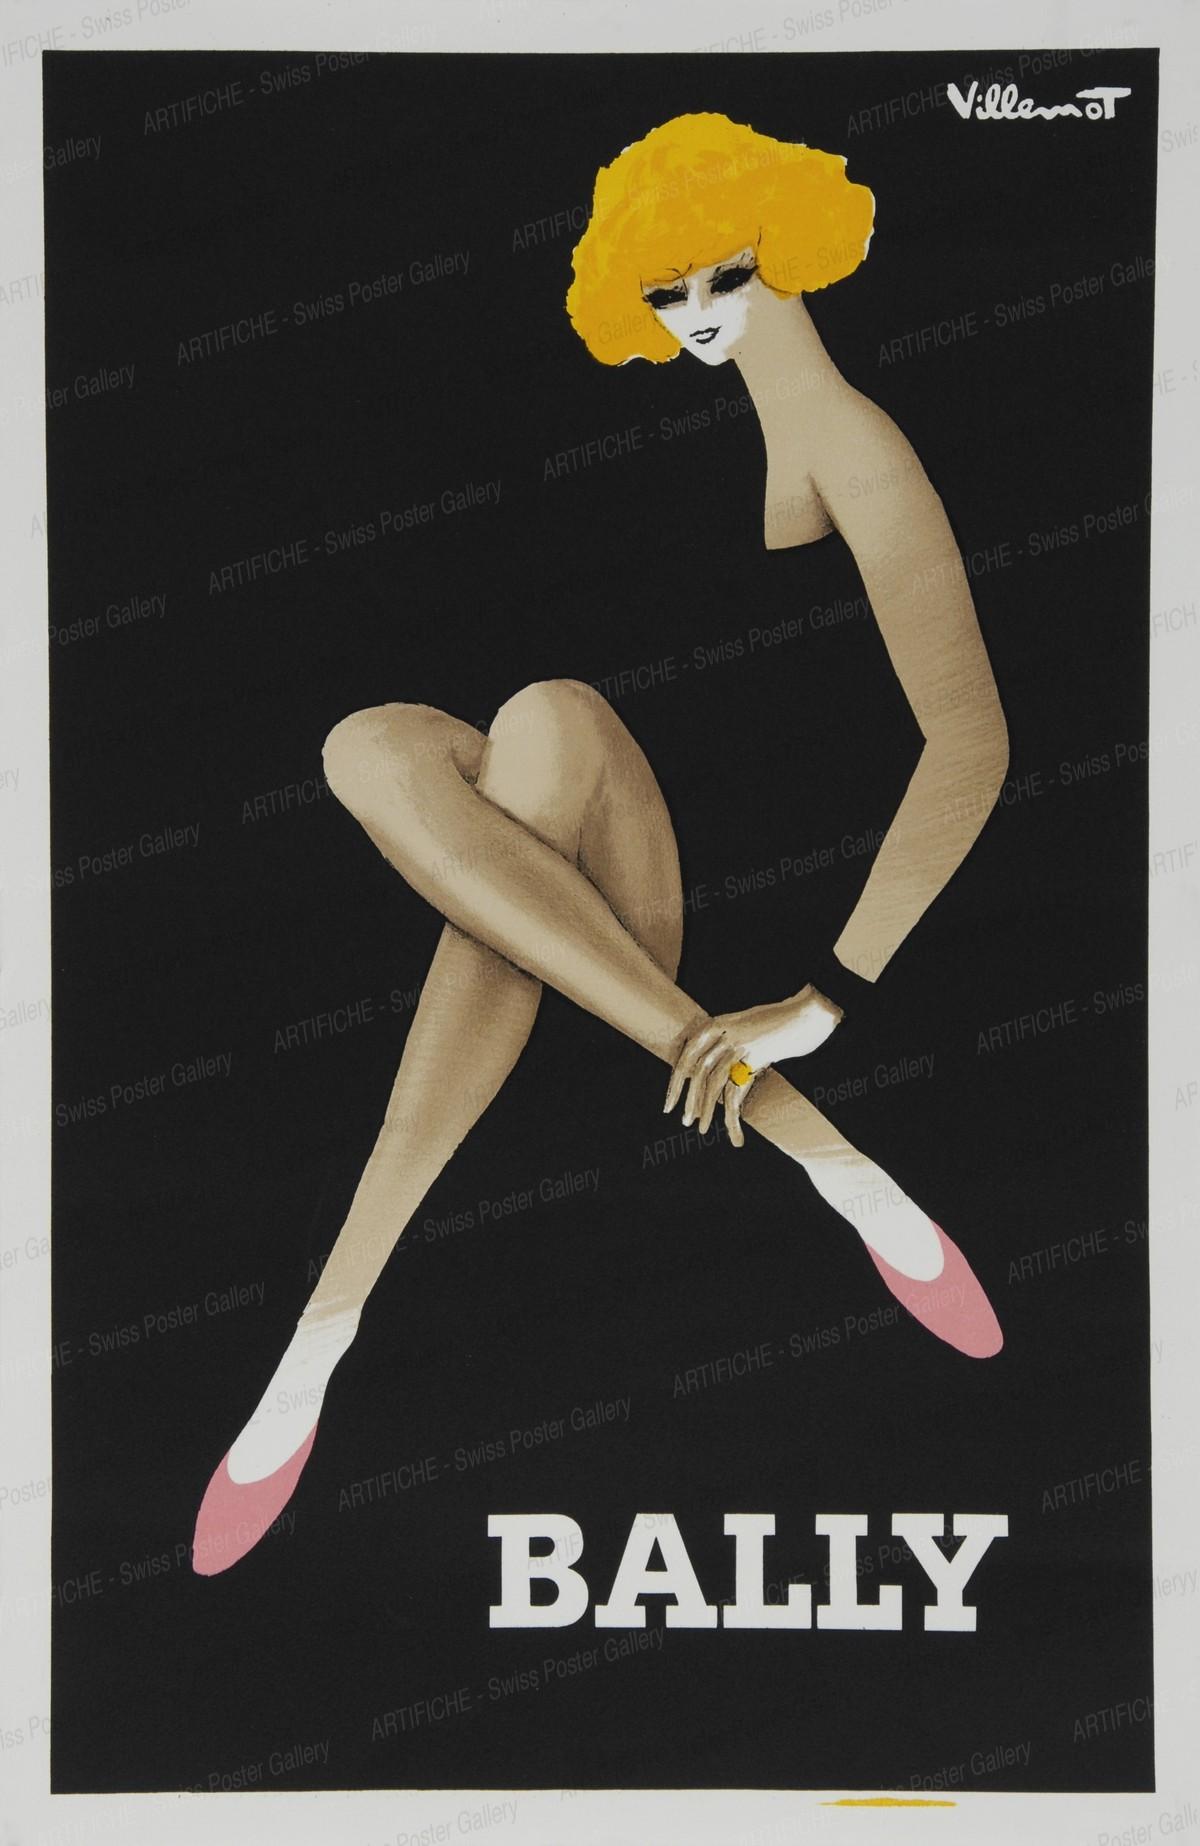 Bally Shoes, Bernard Villemot